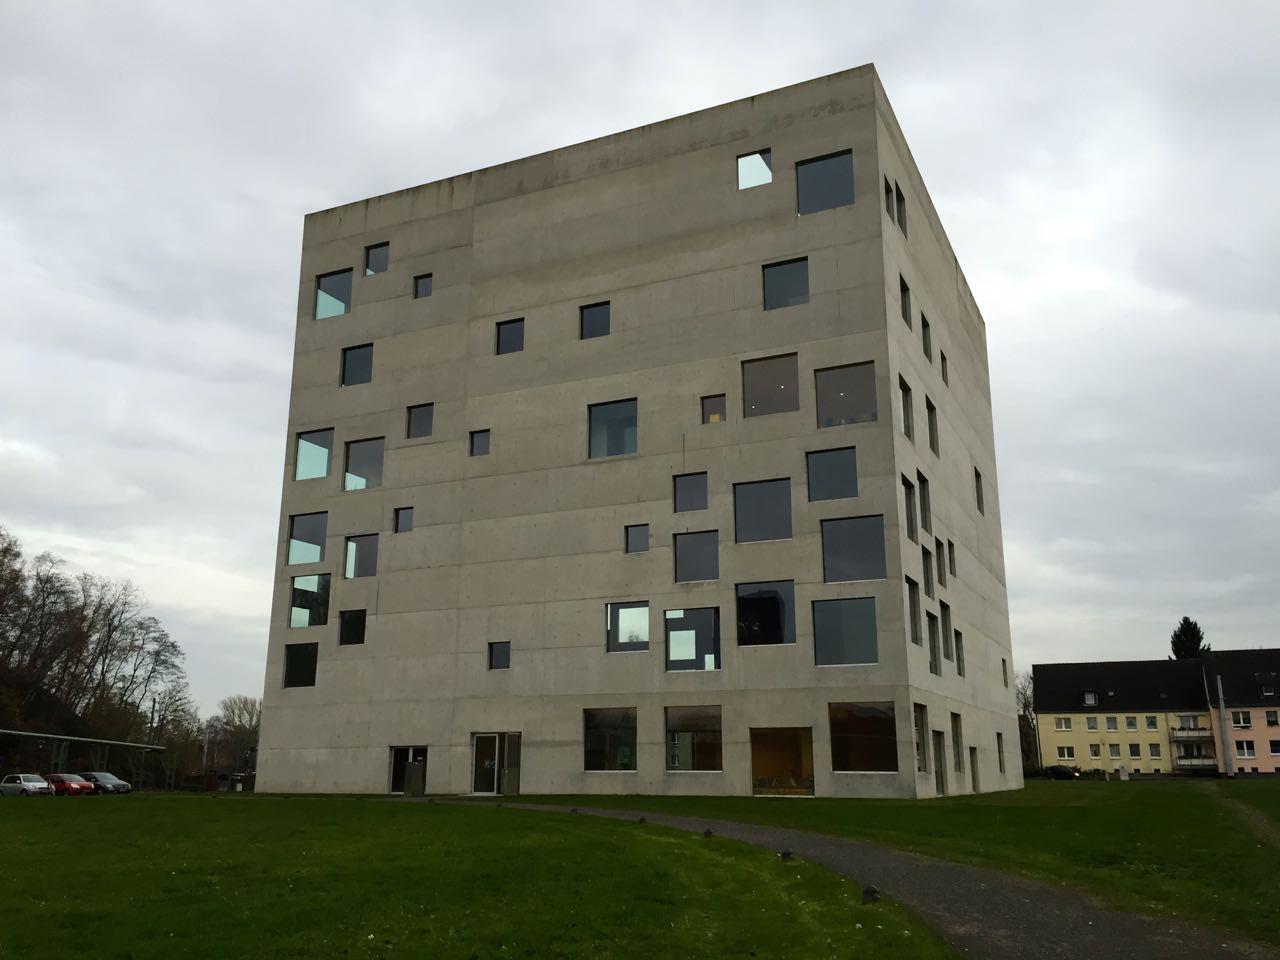 SANAA's Zollverein School of Management and Design.